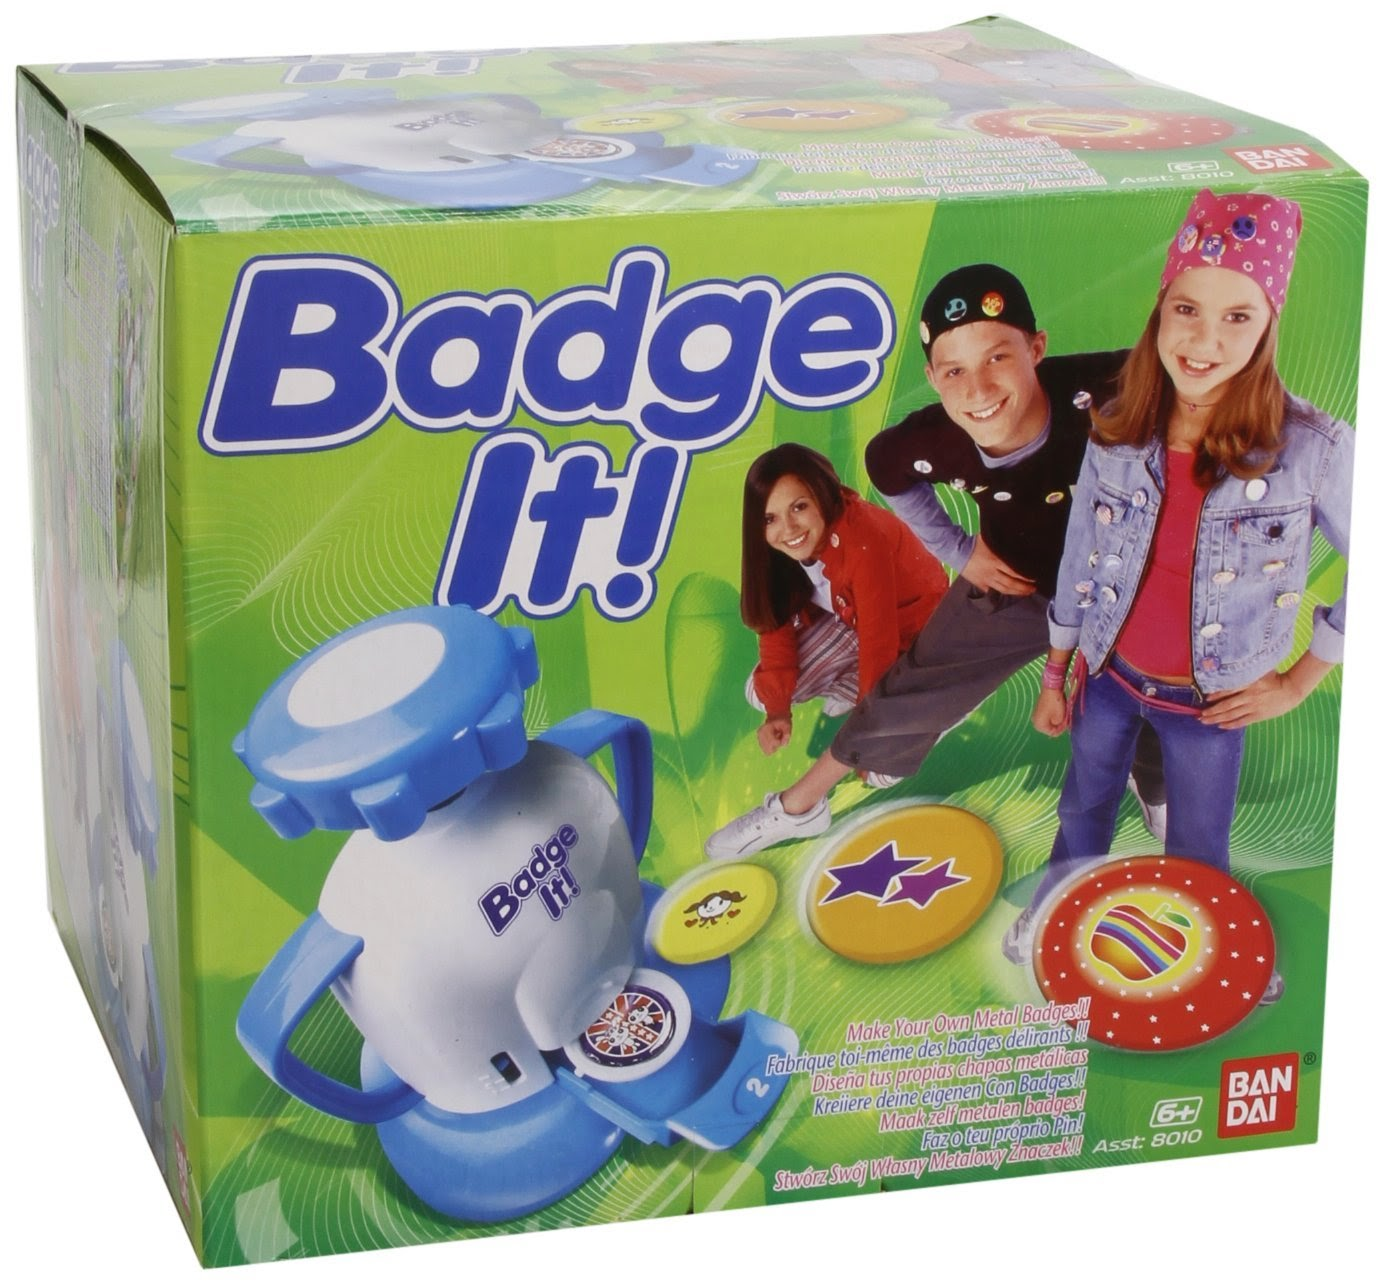 jouet bandai, badge it, jeu pour noel